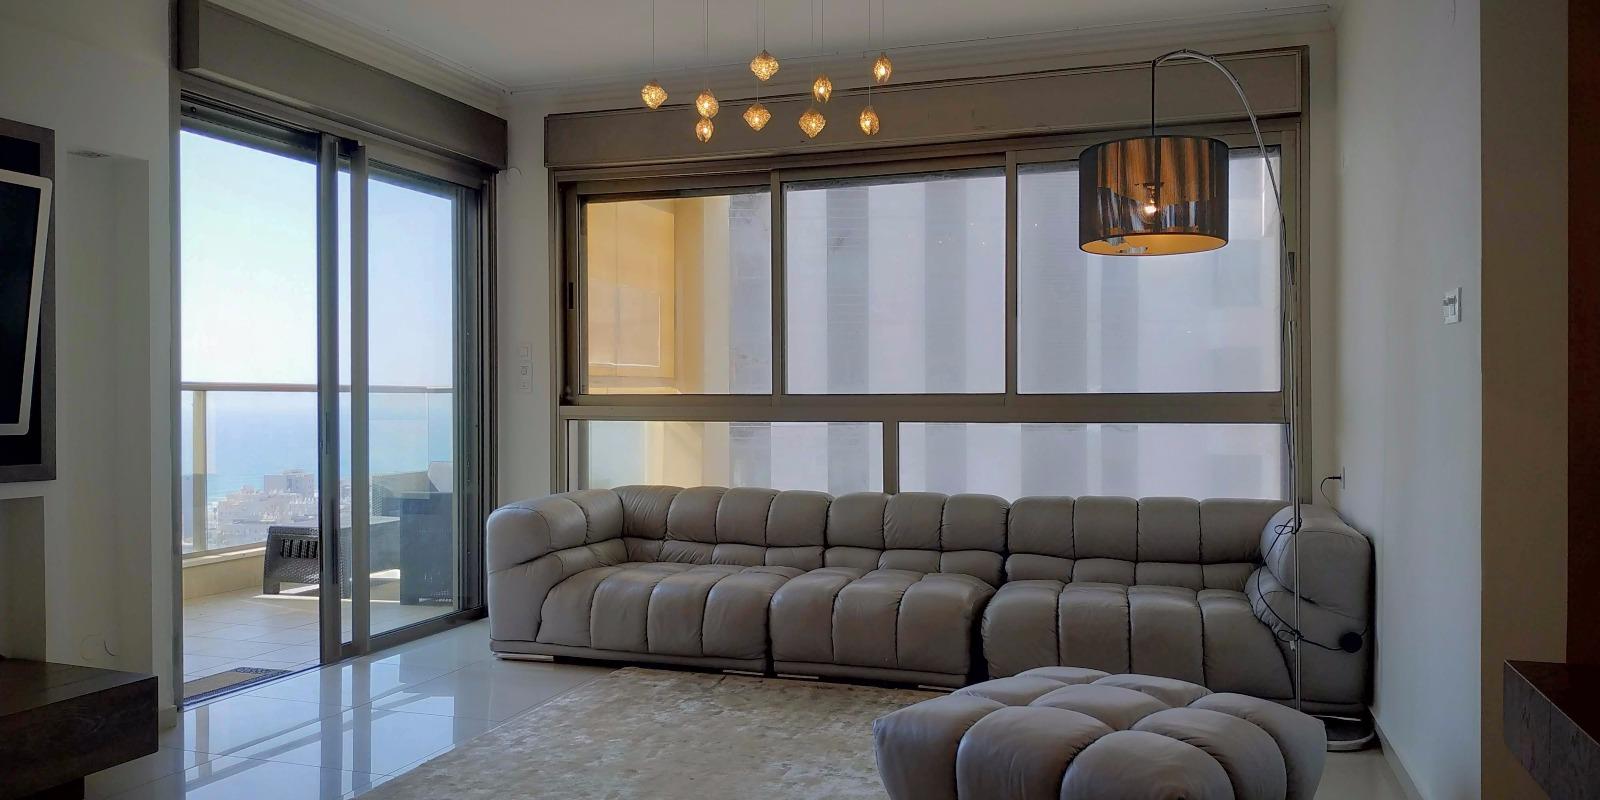 דירה להשכרה 3.5 חדרים 7,000₪ בחודש, בת ים